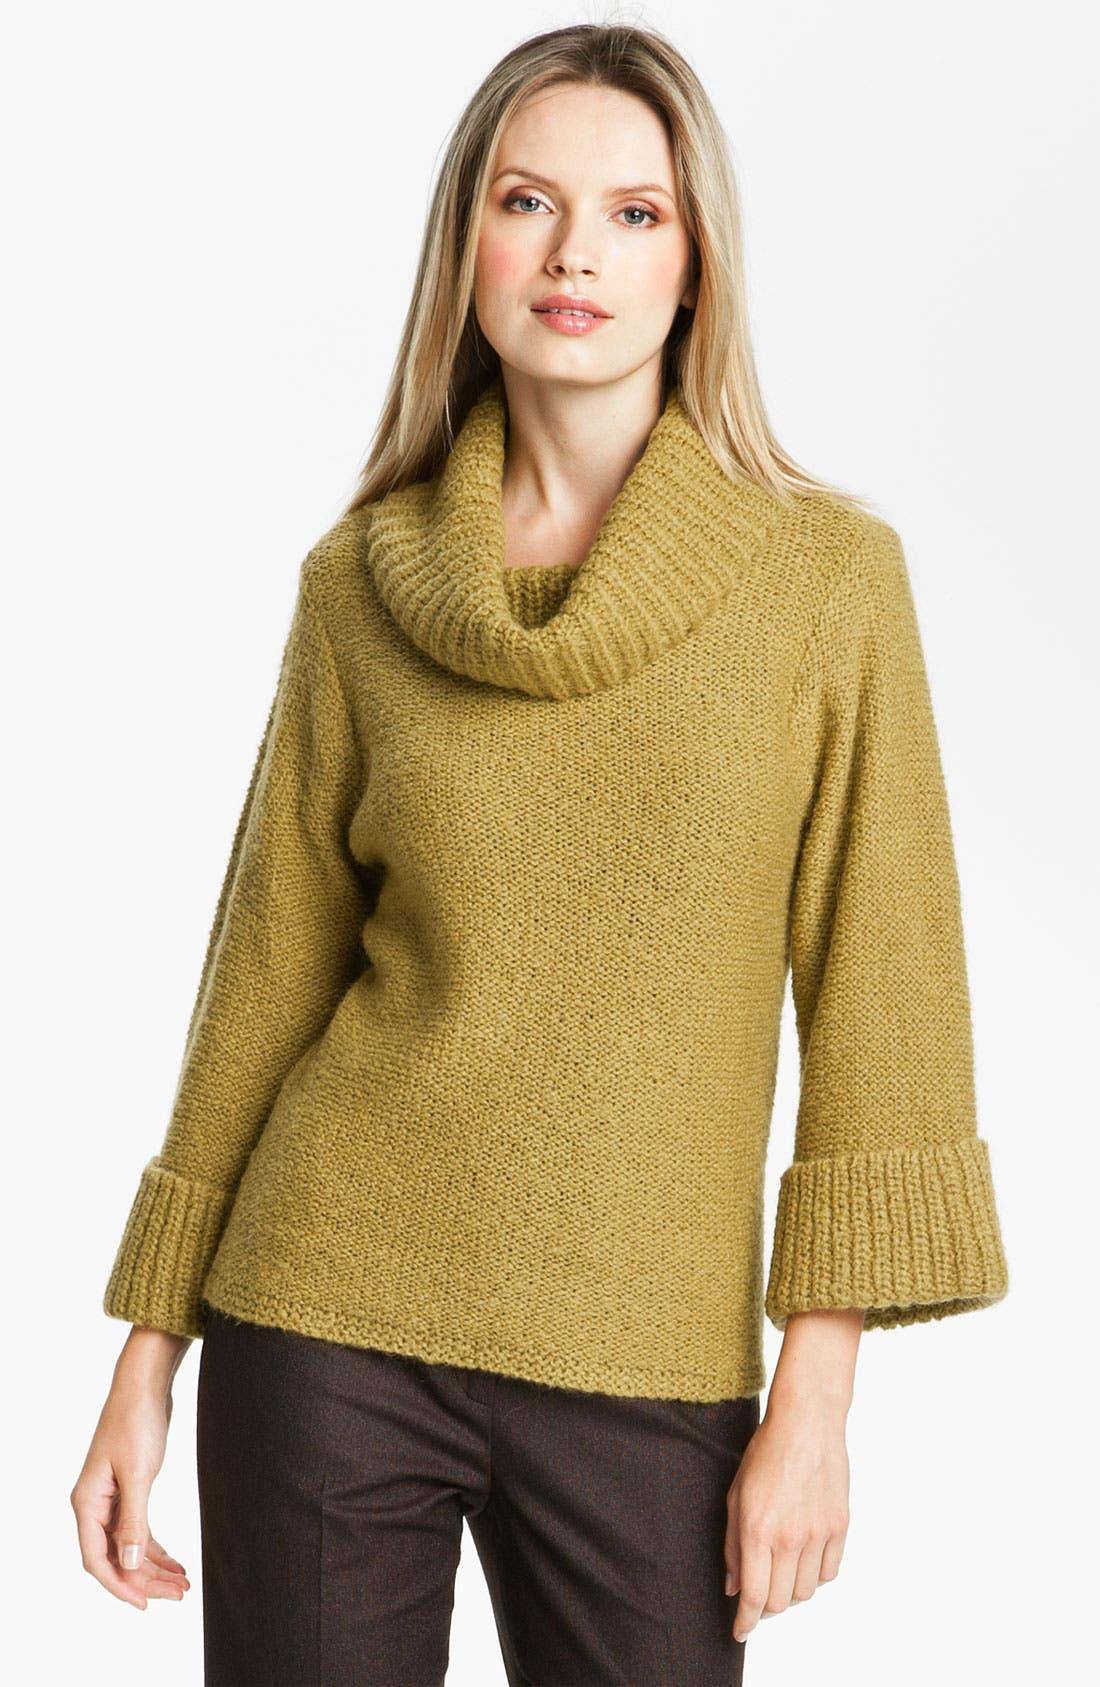 Main Image - Classiques Entier® 'Mousse' Cowl Neck Sweater